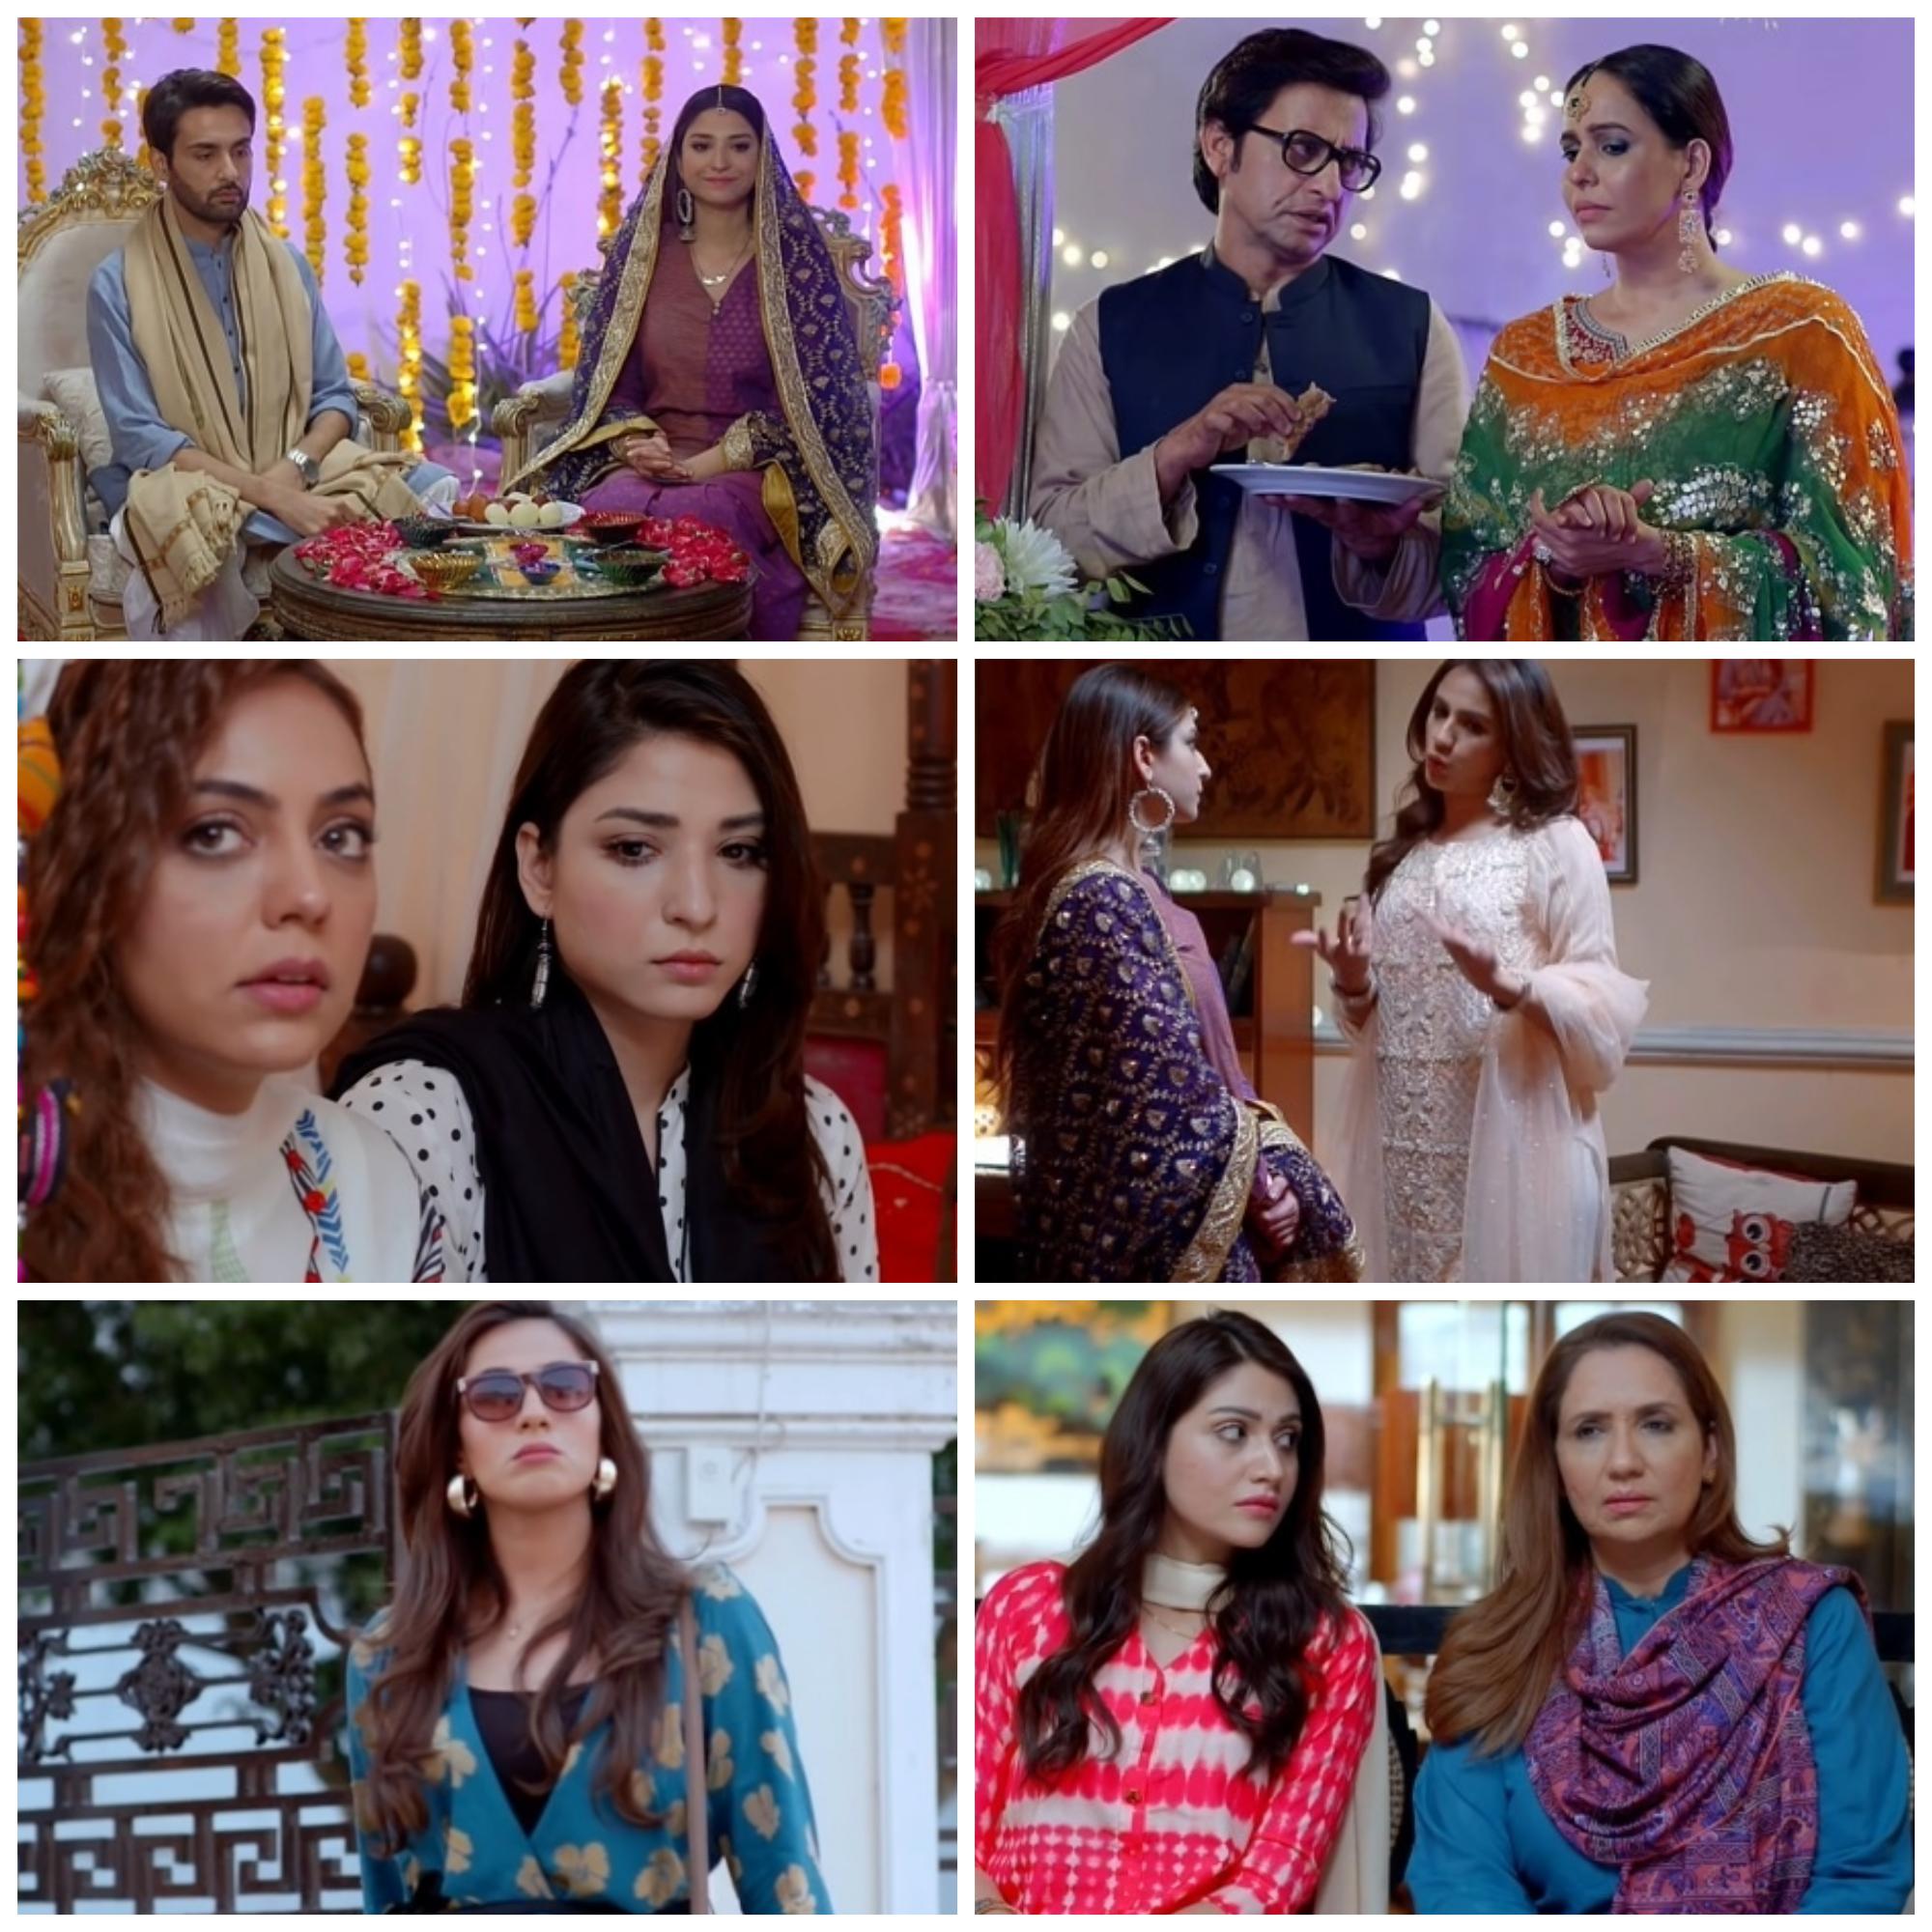 Shehnai Episode 6 & 7 Story Review - An Eventful Wedding